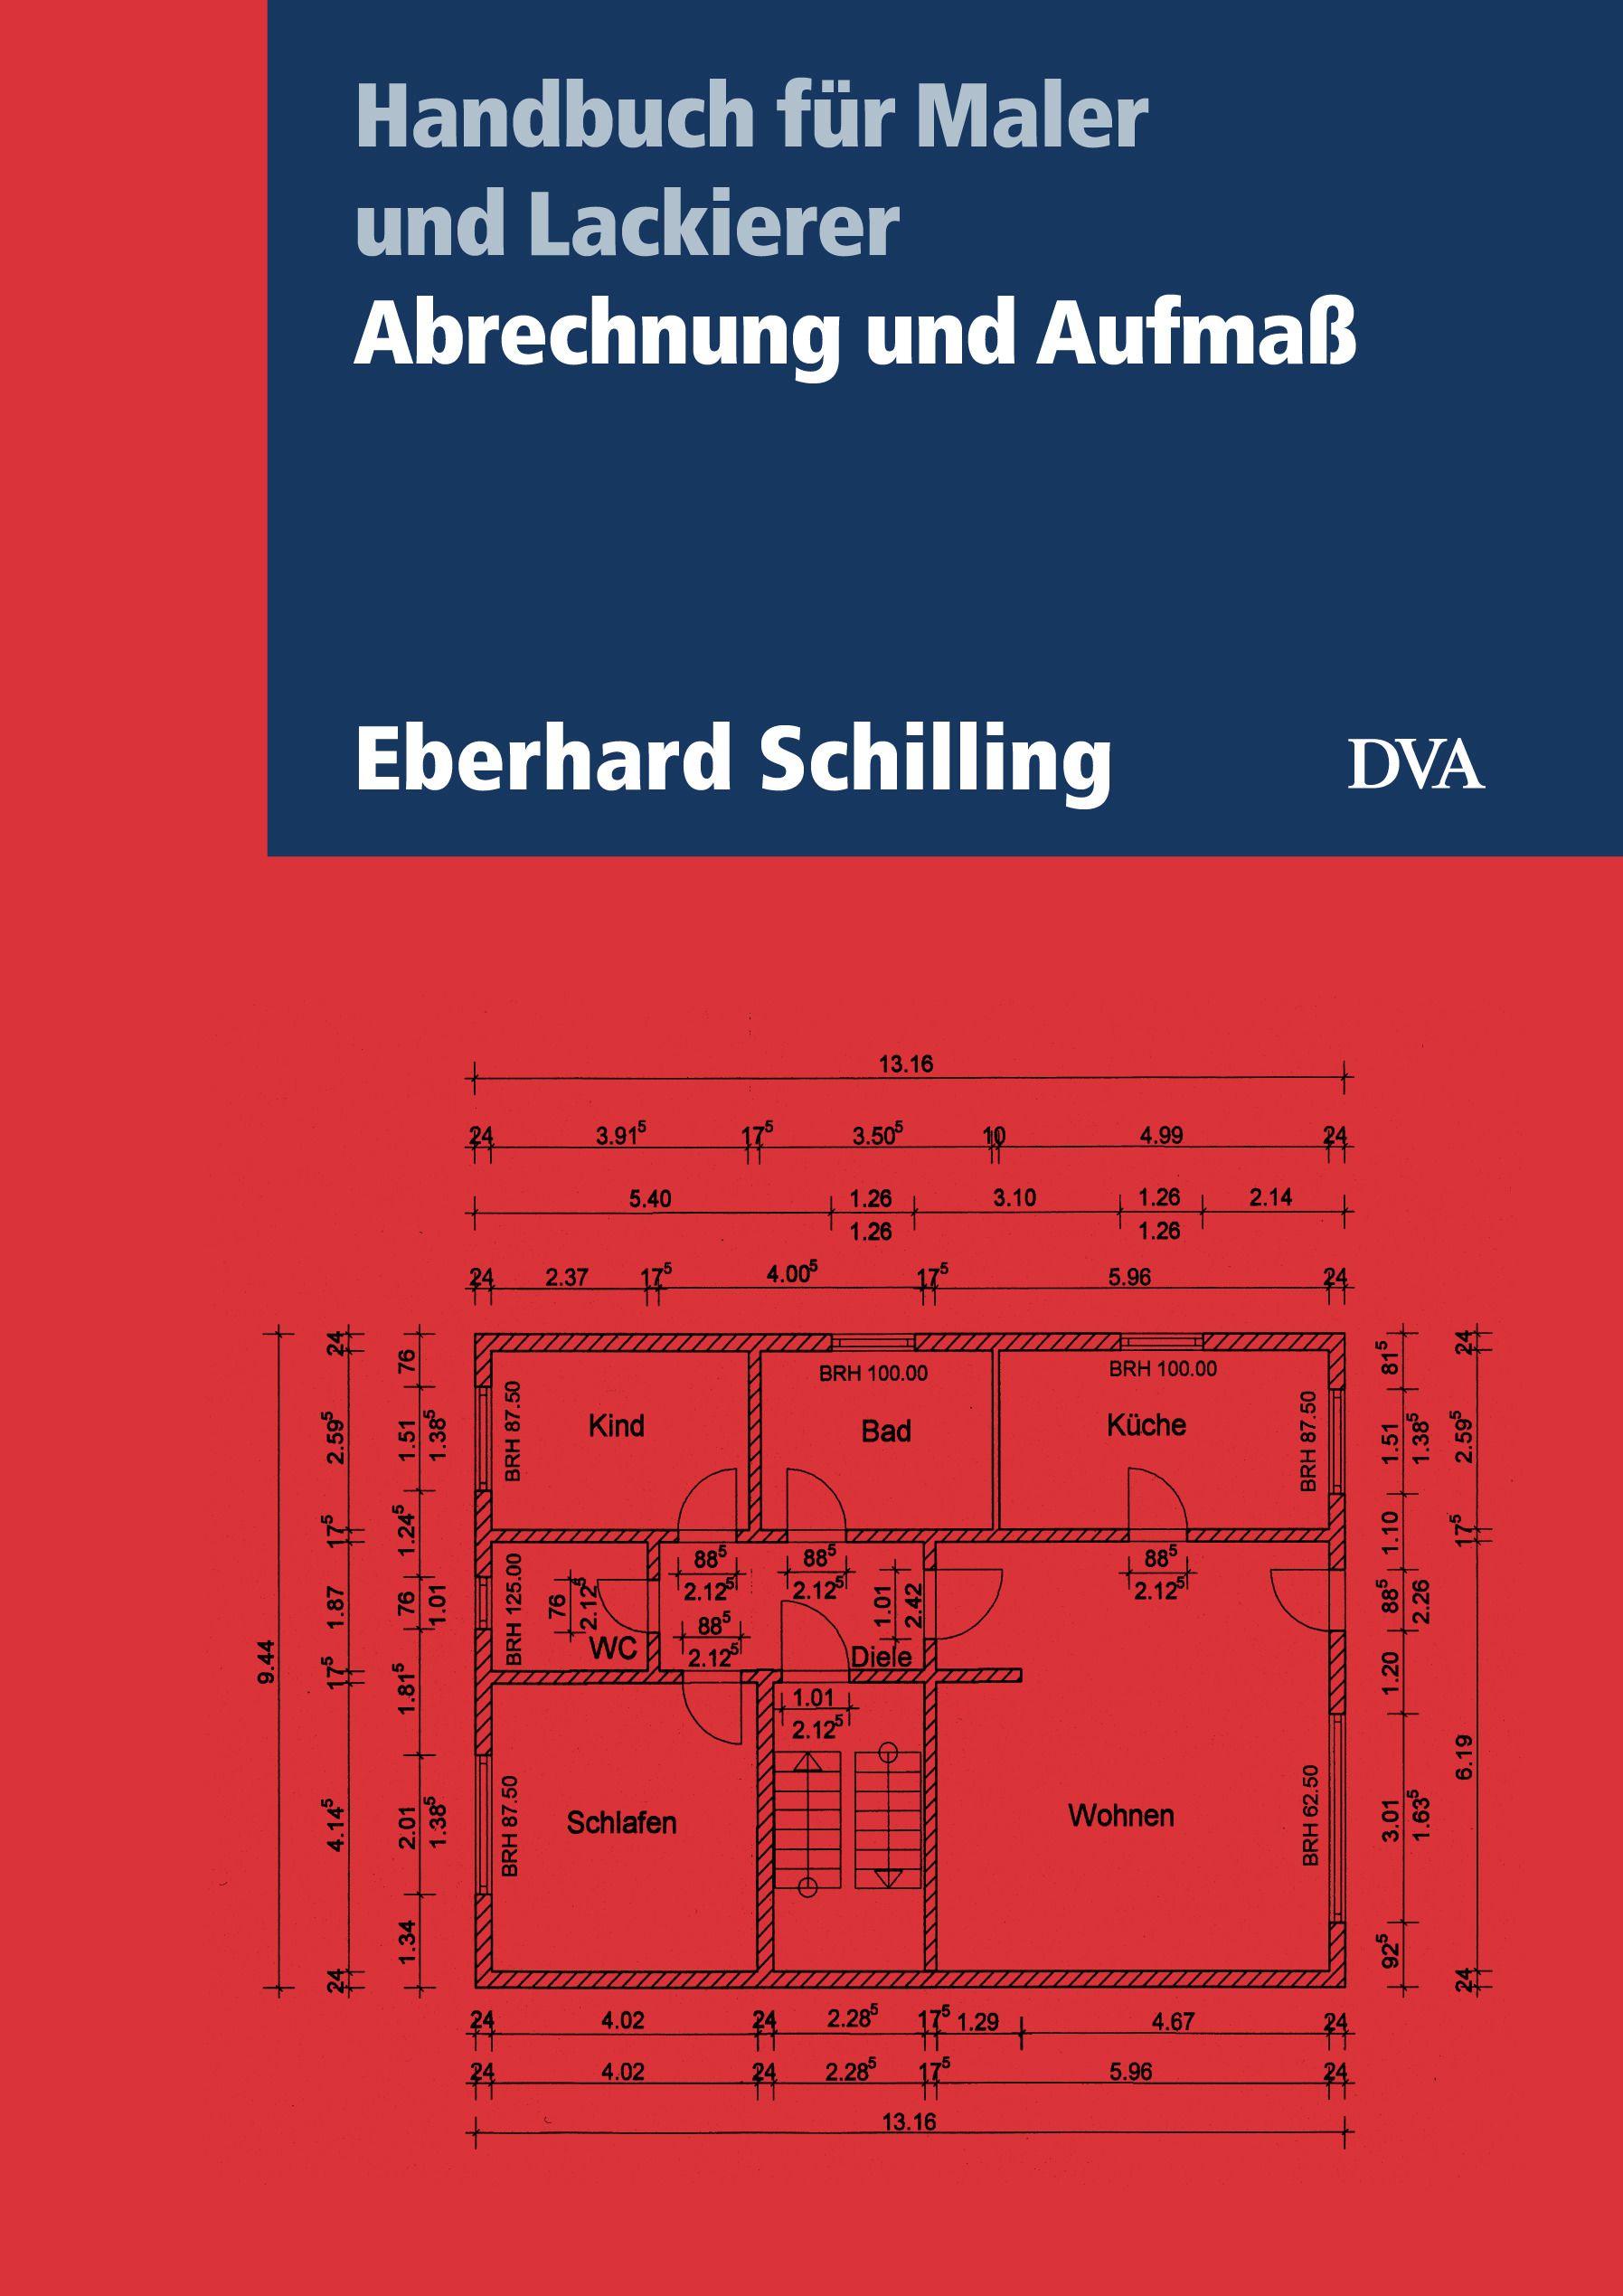 abrechnung und aufma von schilling eberhard handbuch f r maler un. Black Bedroom Furniture Sets. Home Design Ideas